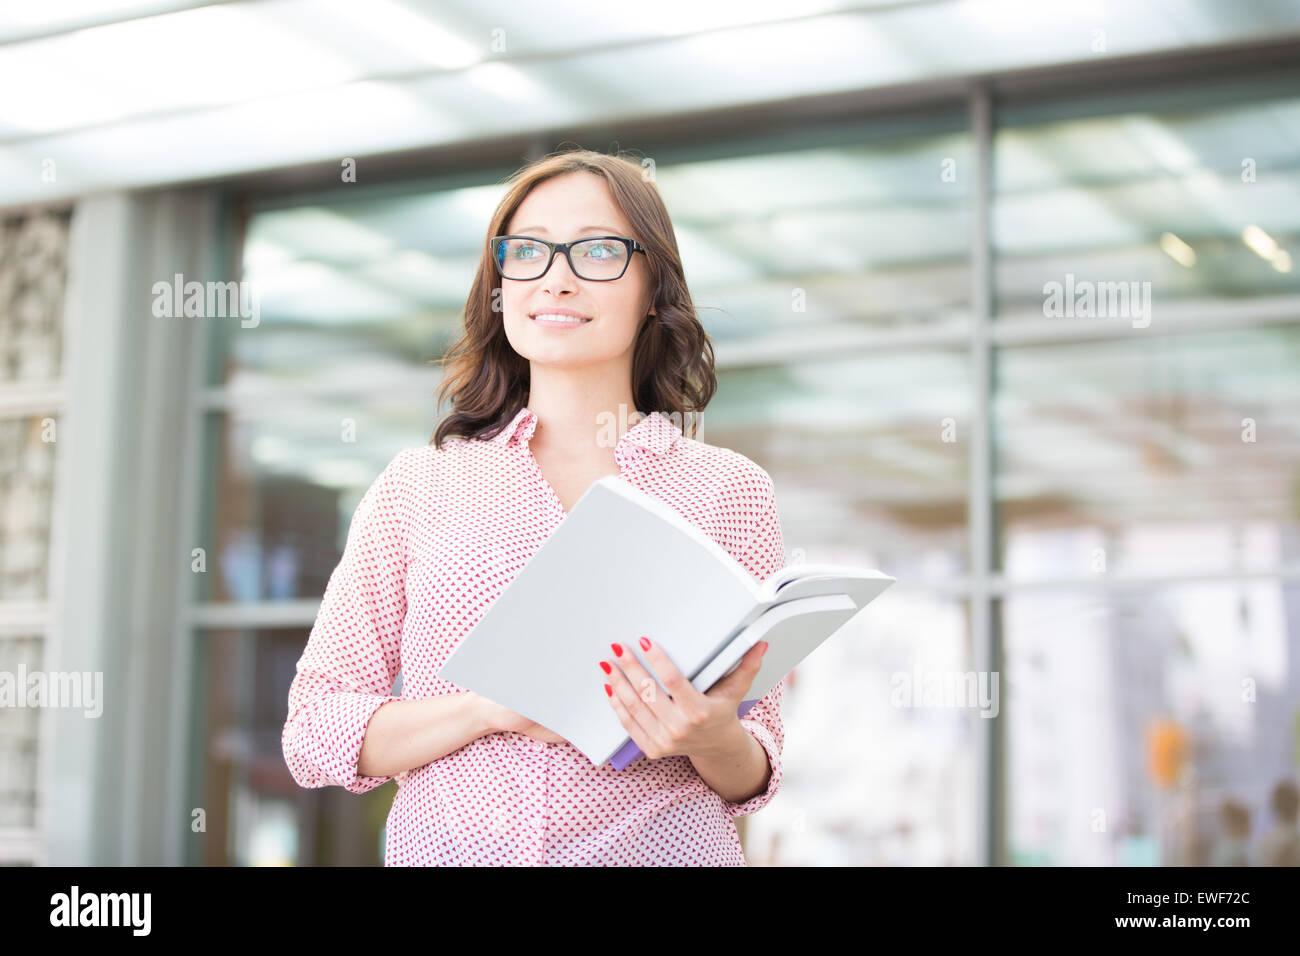 Smiling woman tout en maintenant à l'extérieur du bâtiment Photo Stock